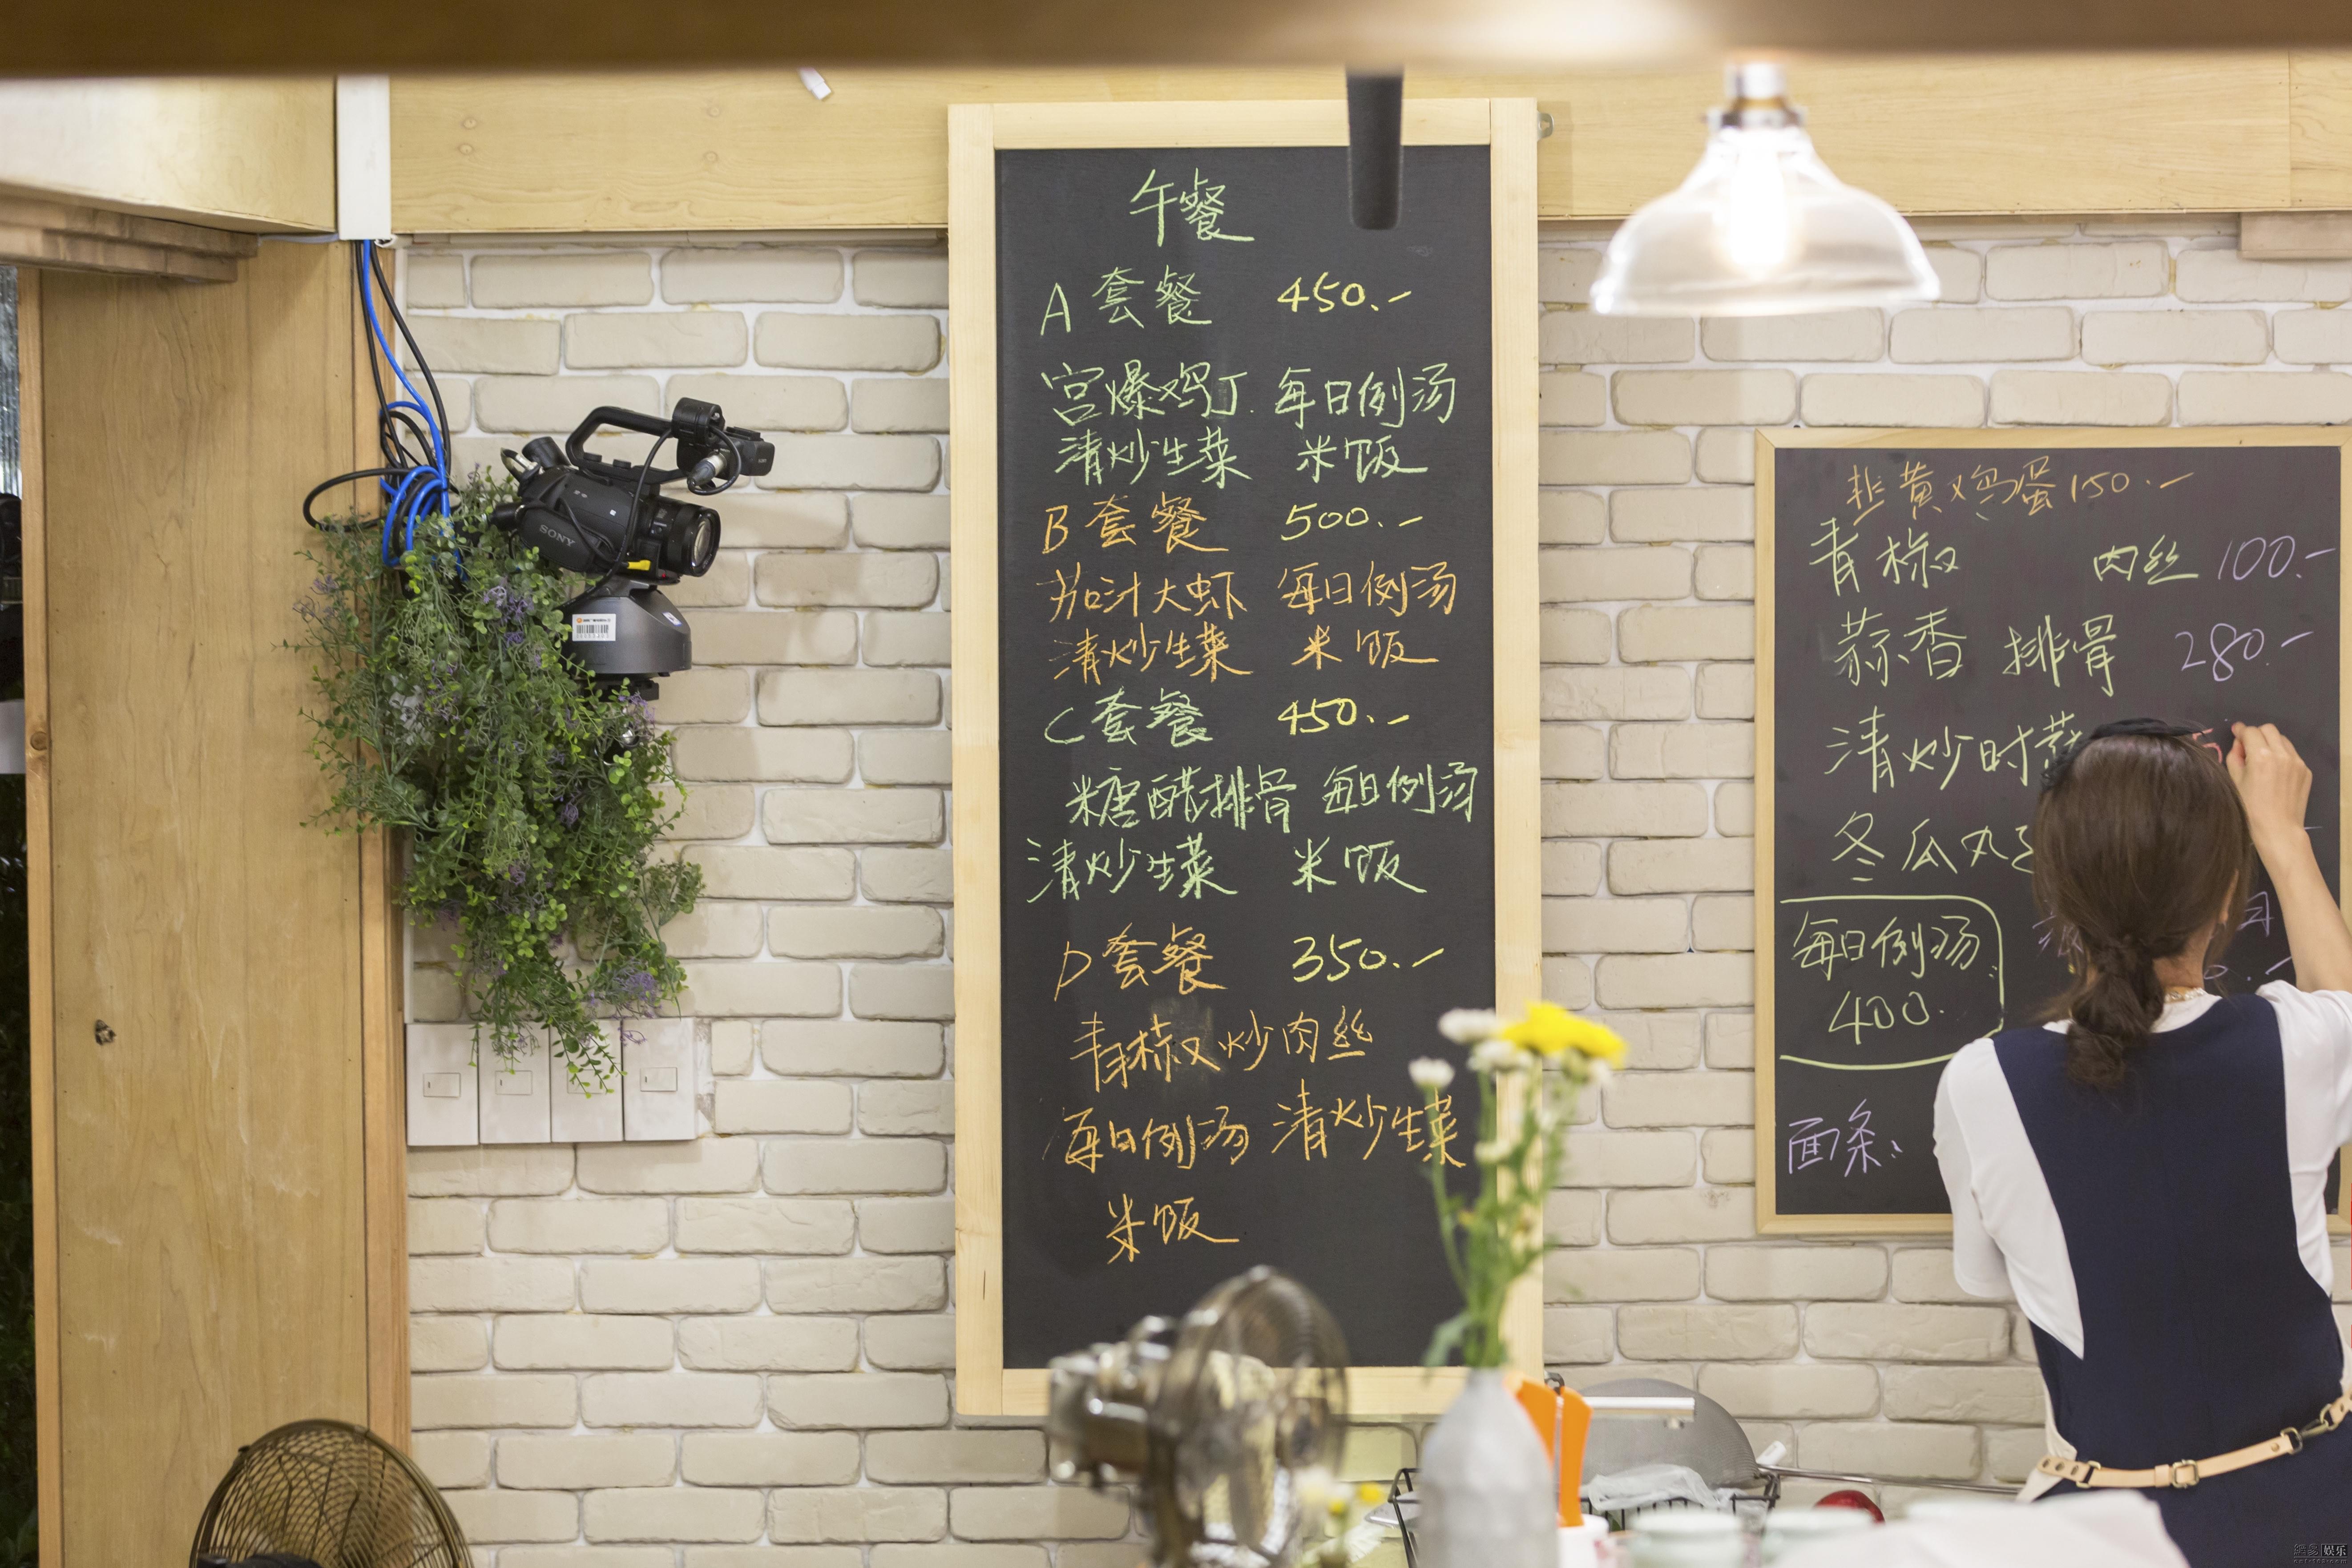 《中餐业》套餐新鲜上线 黄晓明被剥夺定价权利